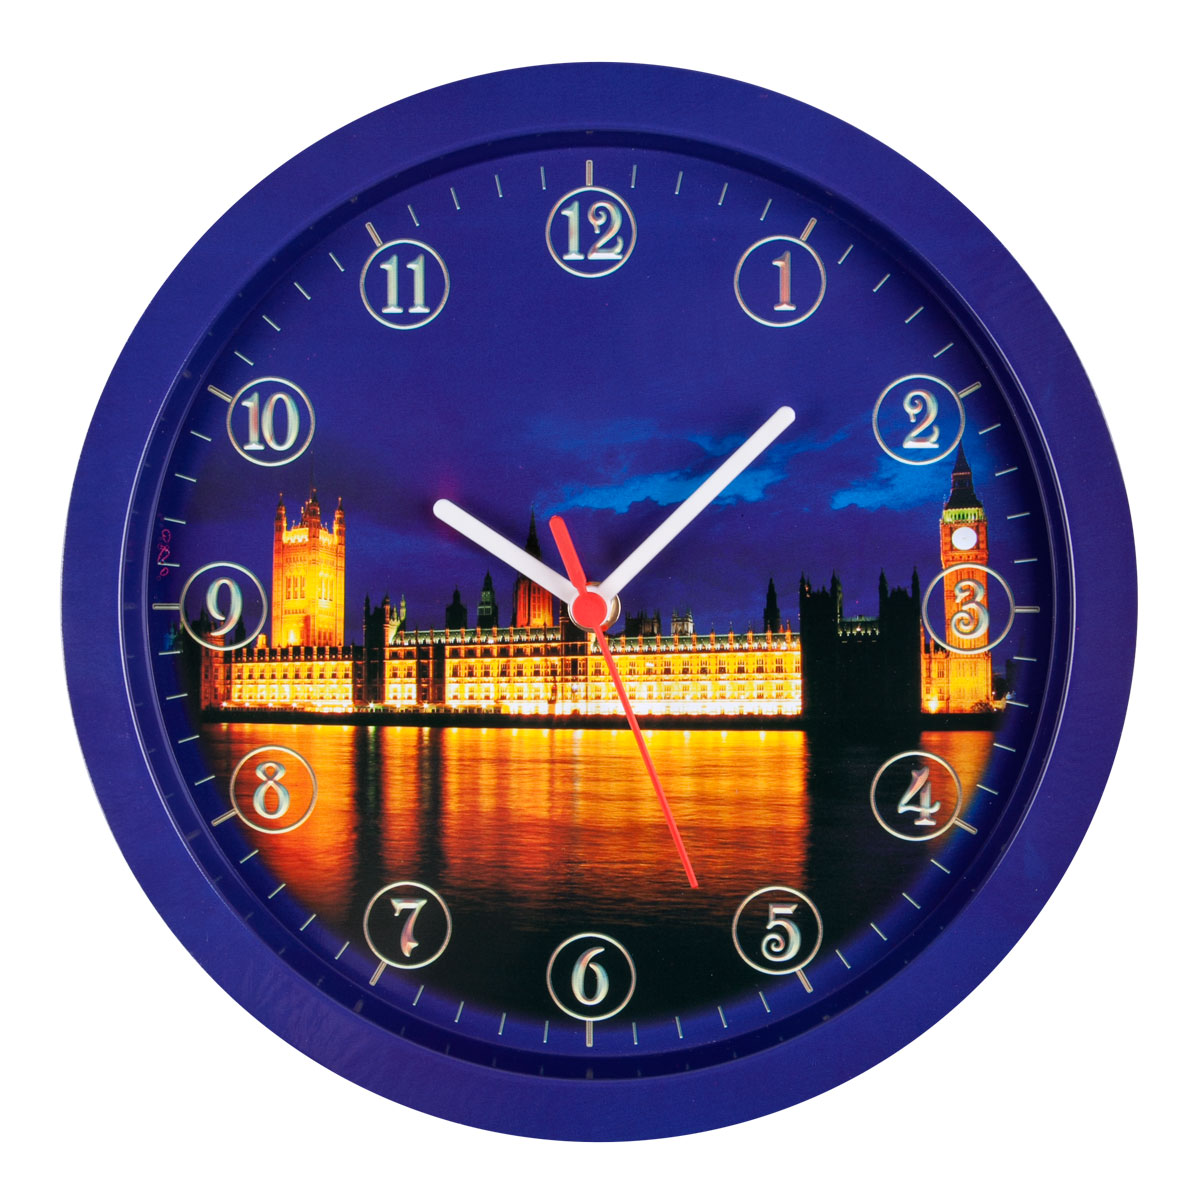 Часы настенные Miolla Лондон, цвет: синий, оранжевыйCH006Оригинальные настенные часы круглой формы выполнены из стали. Часы имеют три стрелки - часовую, минутную и секундную и циферблат с цифрами. Необычное дизайнерское решение и качество исполнения придутся по вкусу каждому.Оформите свой дом таким интерьерным аксессуаром или преподнесите его в качестве презента друзьям, и они оценят ваш оригинальный вкус и неординарность подарка.